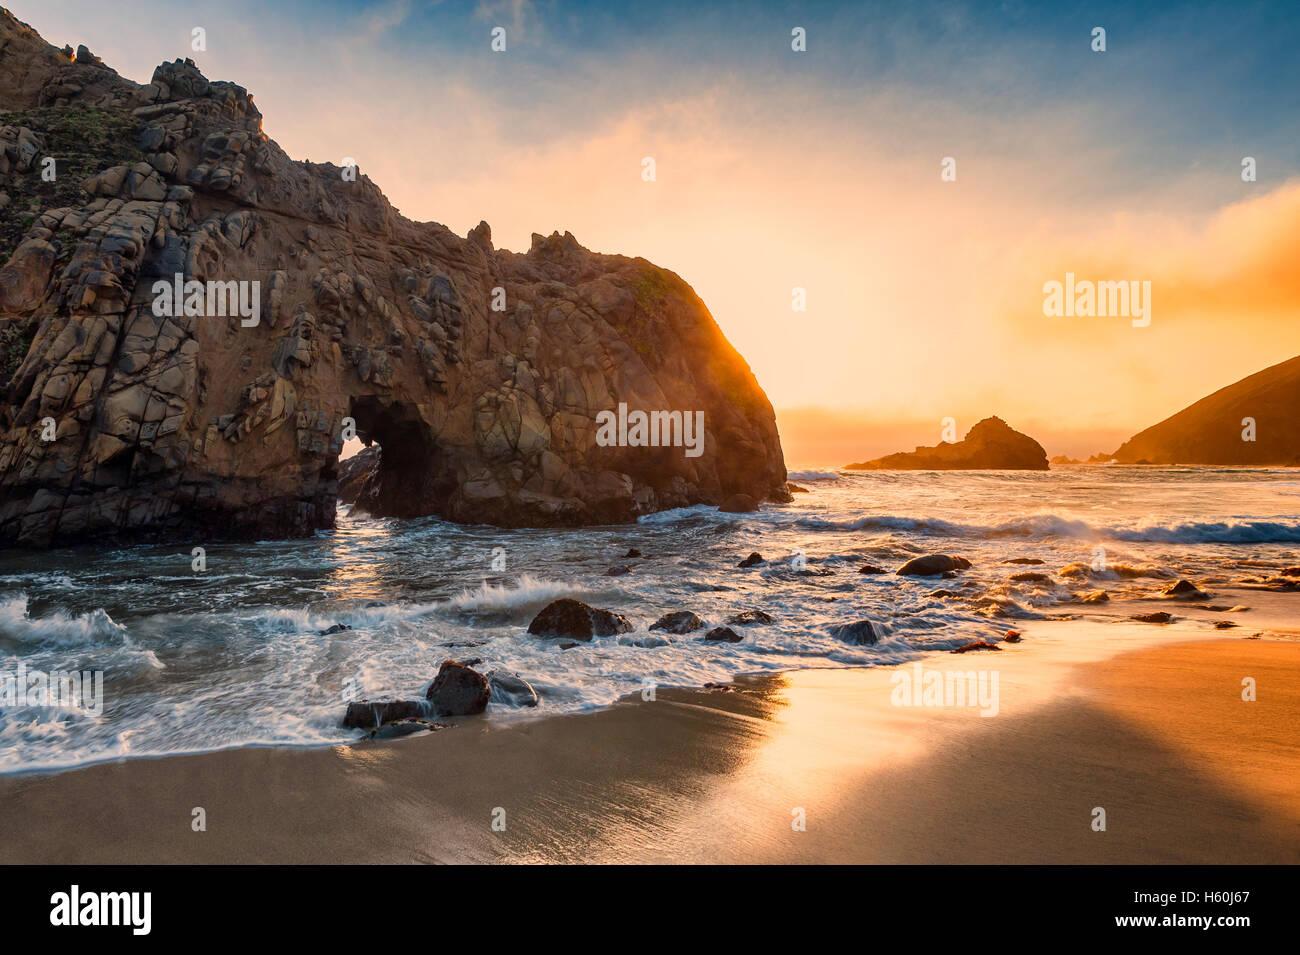 Pfeiffer Beach California - Stock Image